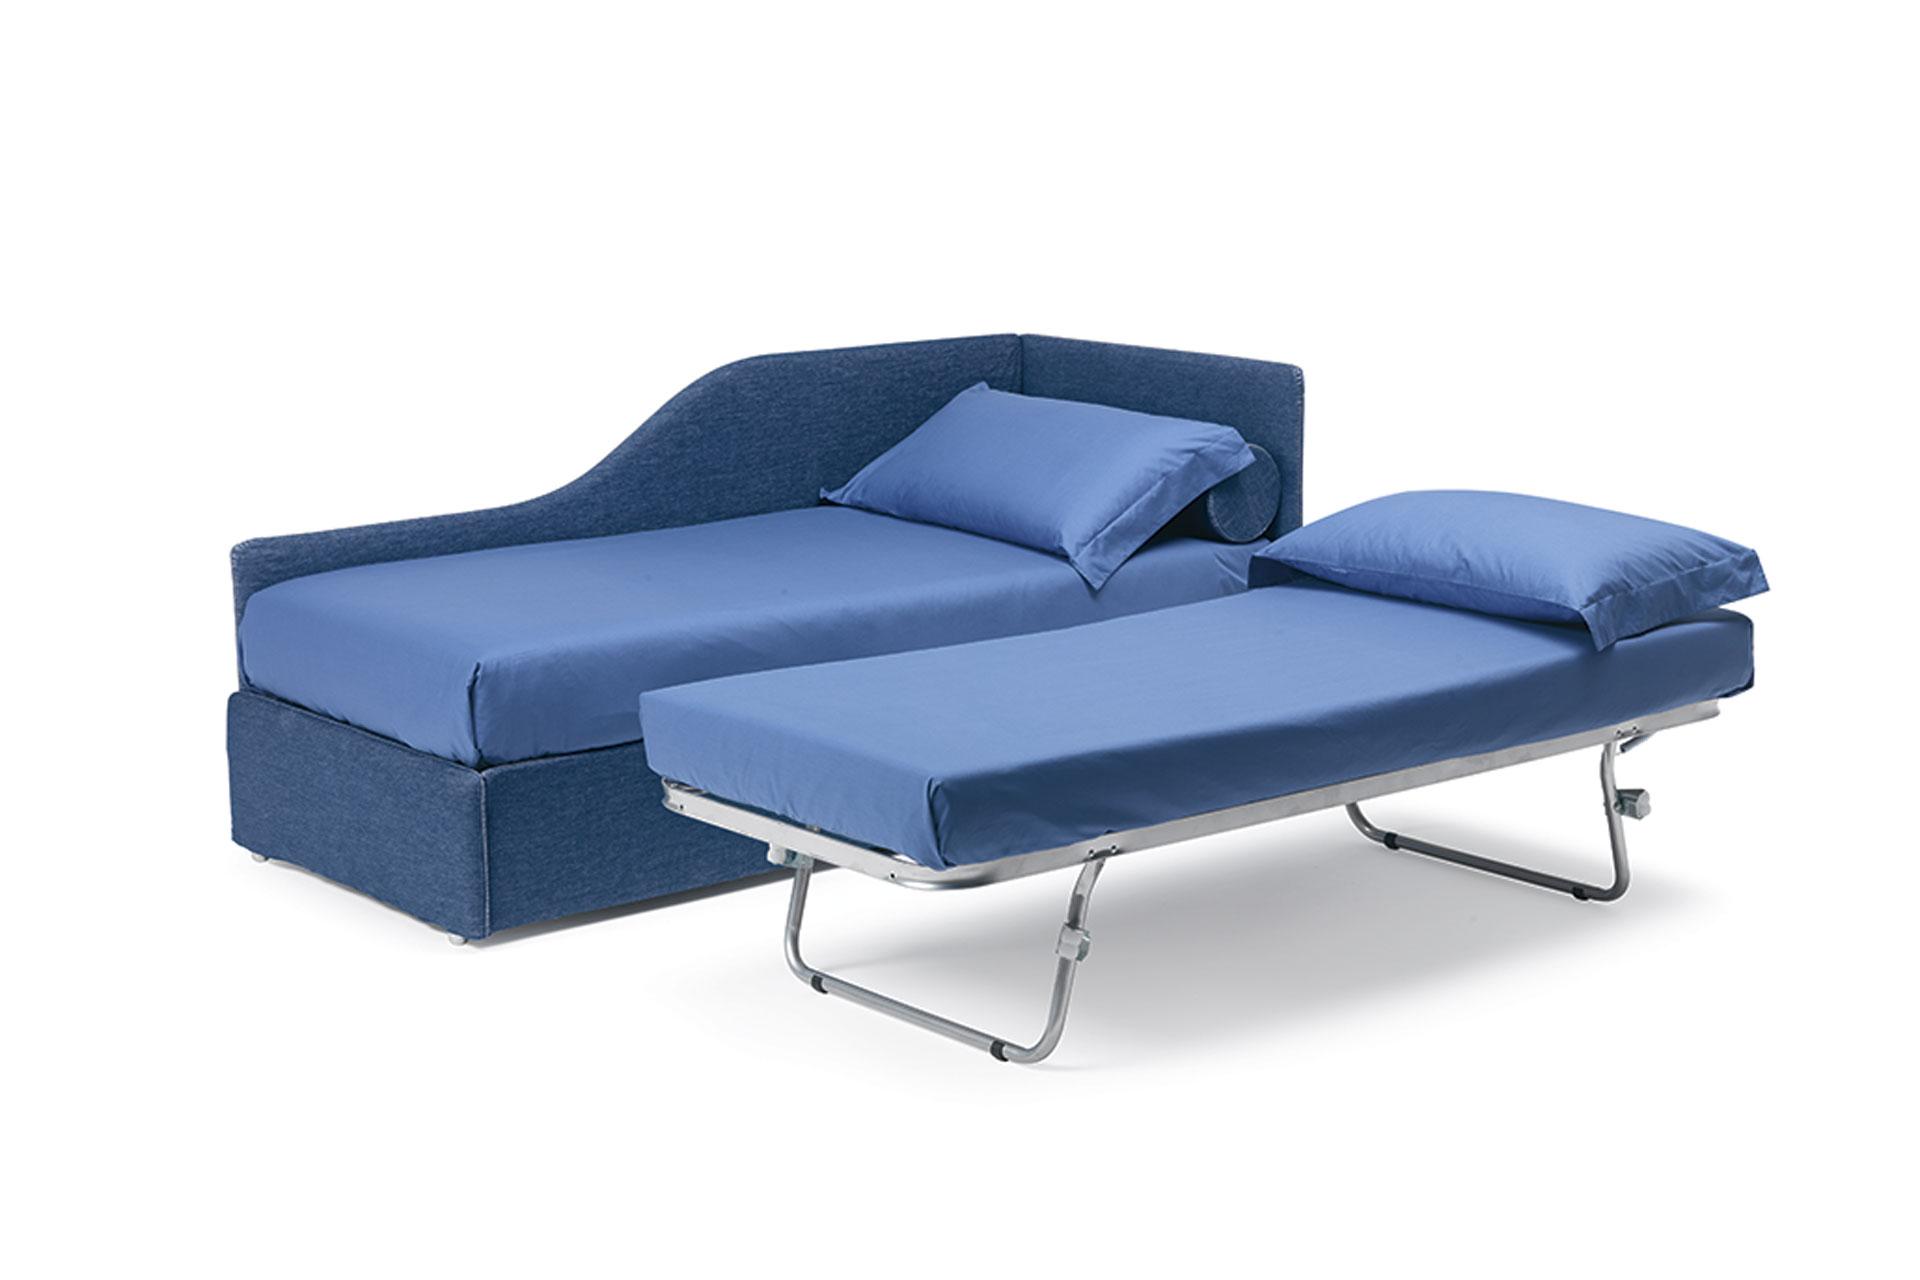 Amazing space v with materassi per divano letto - Materassi per divani letto ikea ...